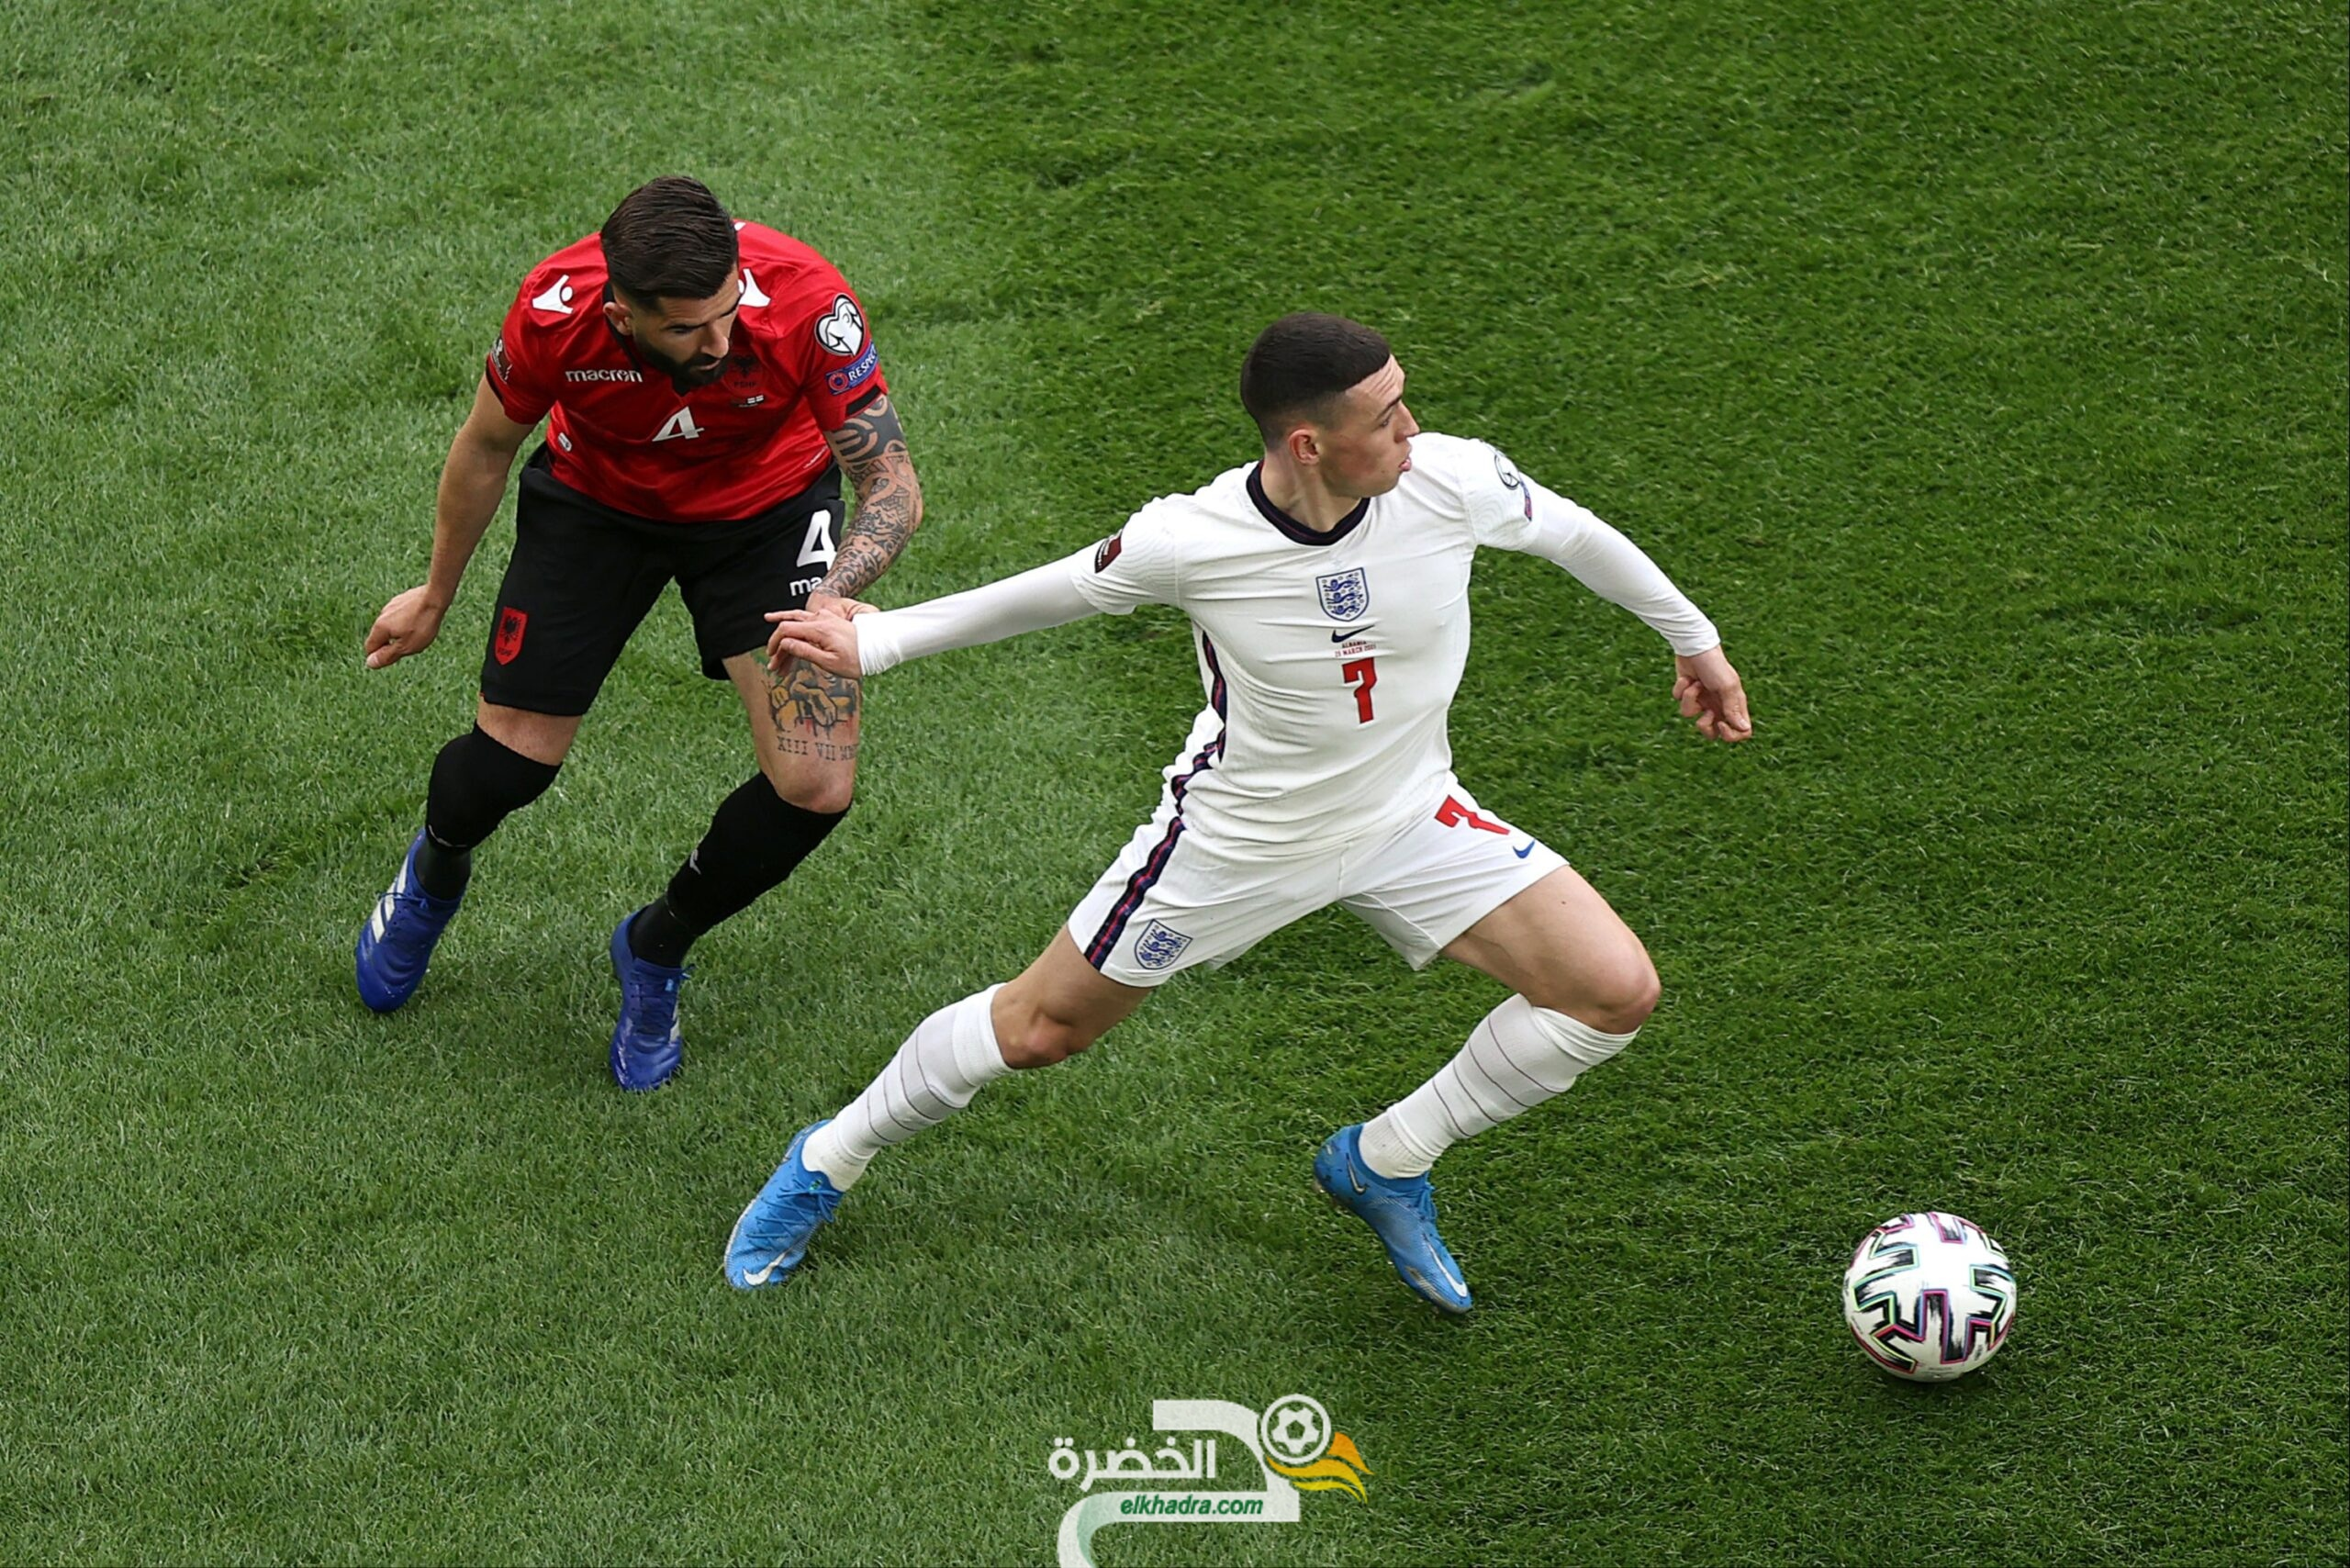 منتخب إنجلترا يفوز على ألبانيا في التصفيات الأوروبية المؤهلة لكأس العالم 2022 26